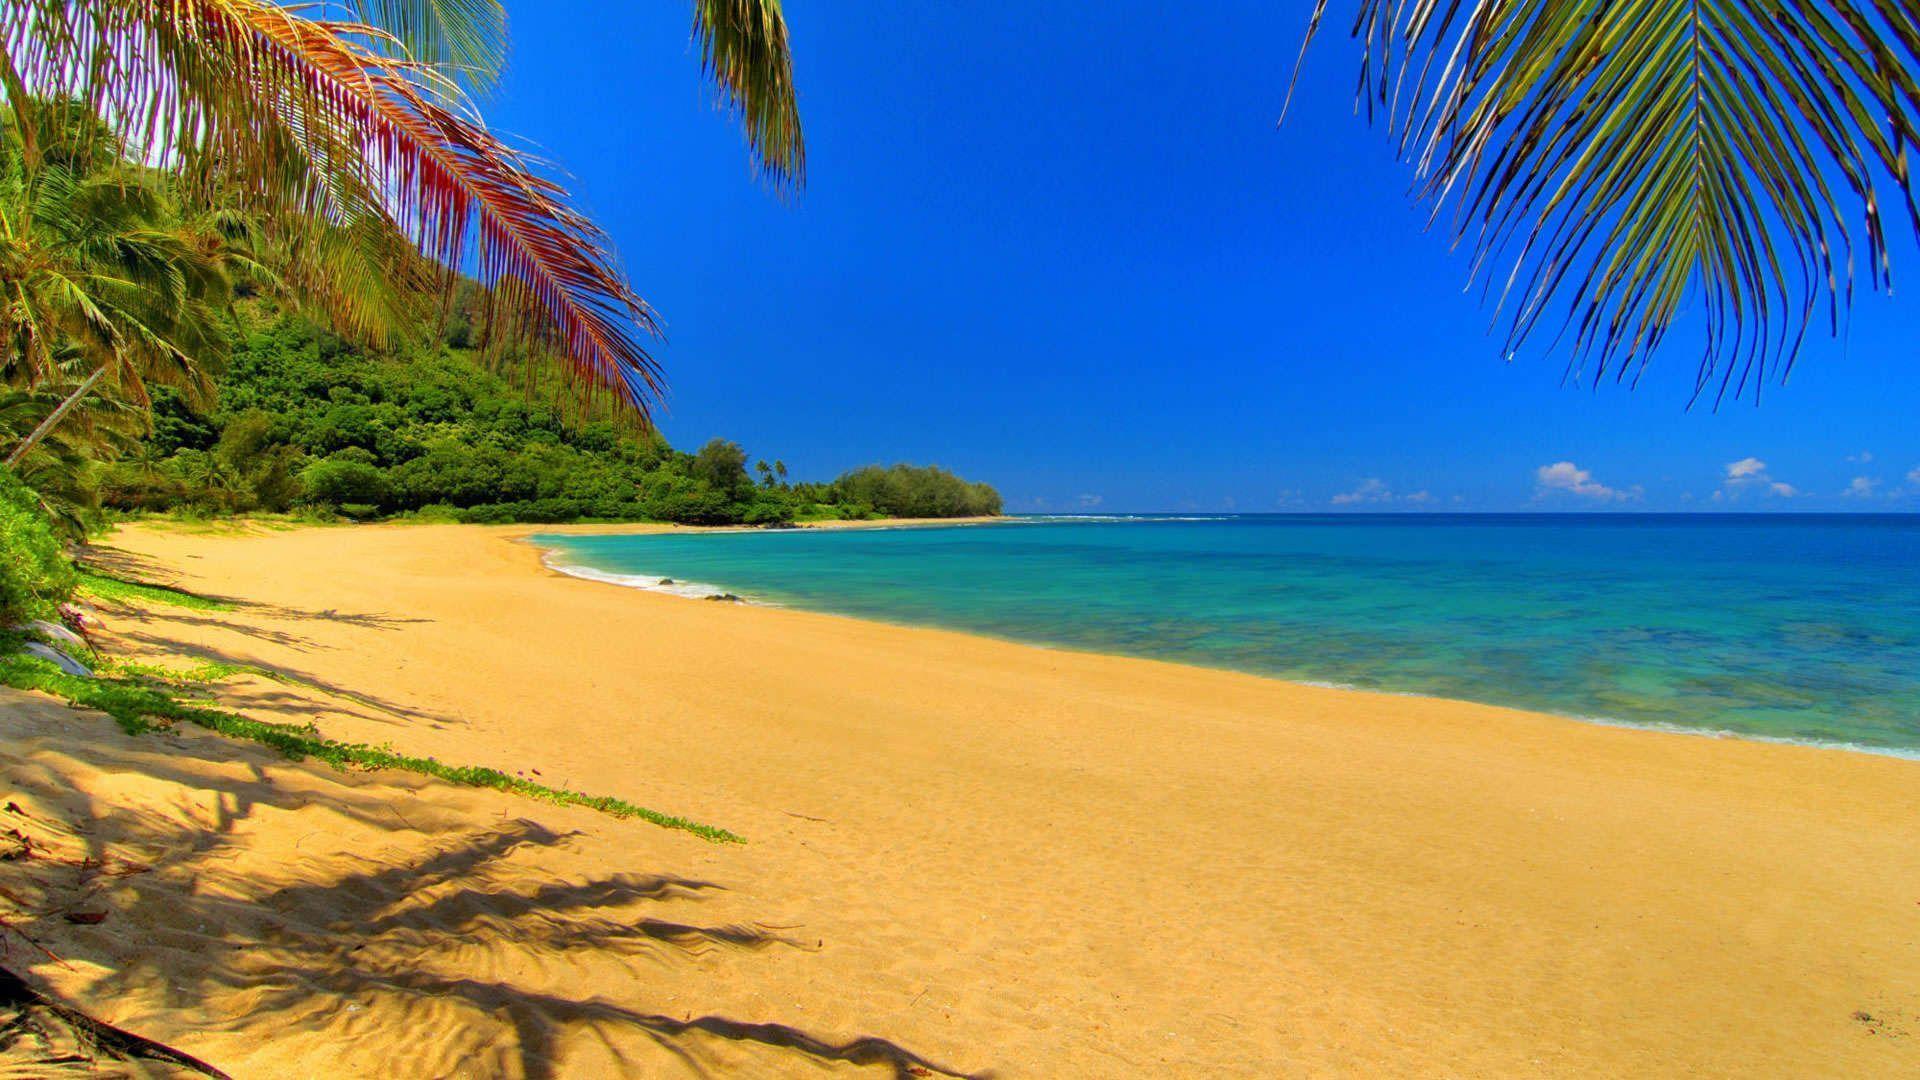 Free Desktop Cute Summer Backgrounds Beach Wallpaper Nature Beach Tunnels Beach Kauai